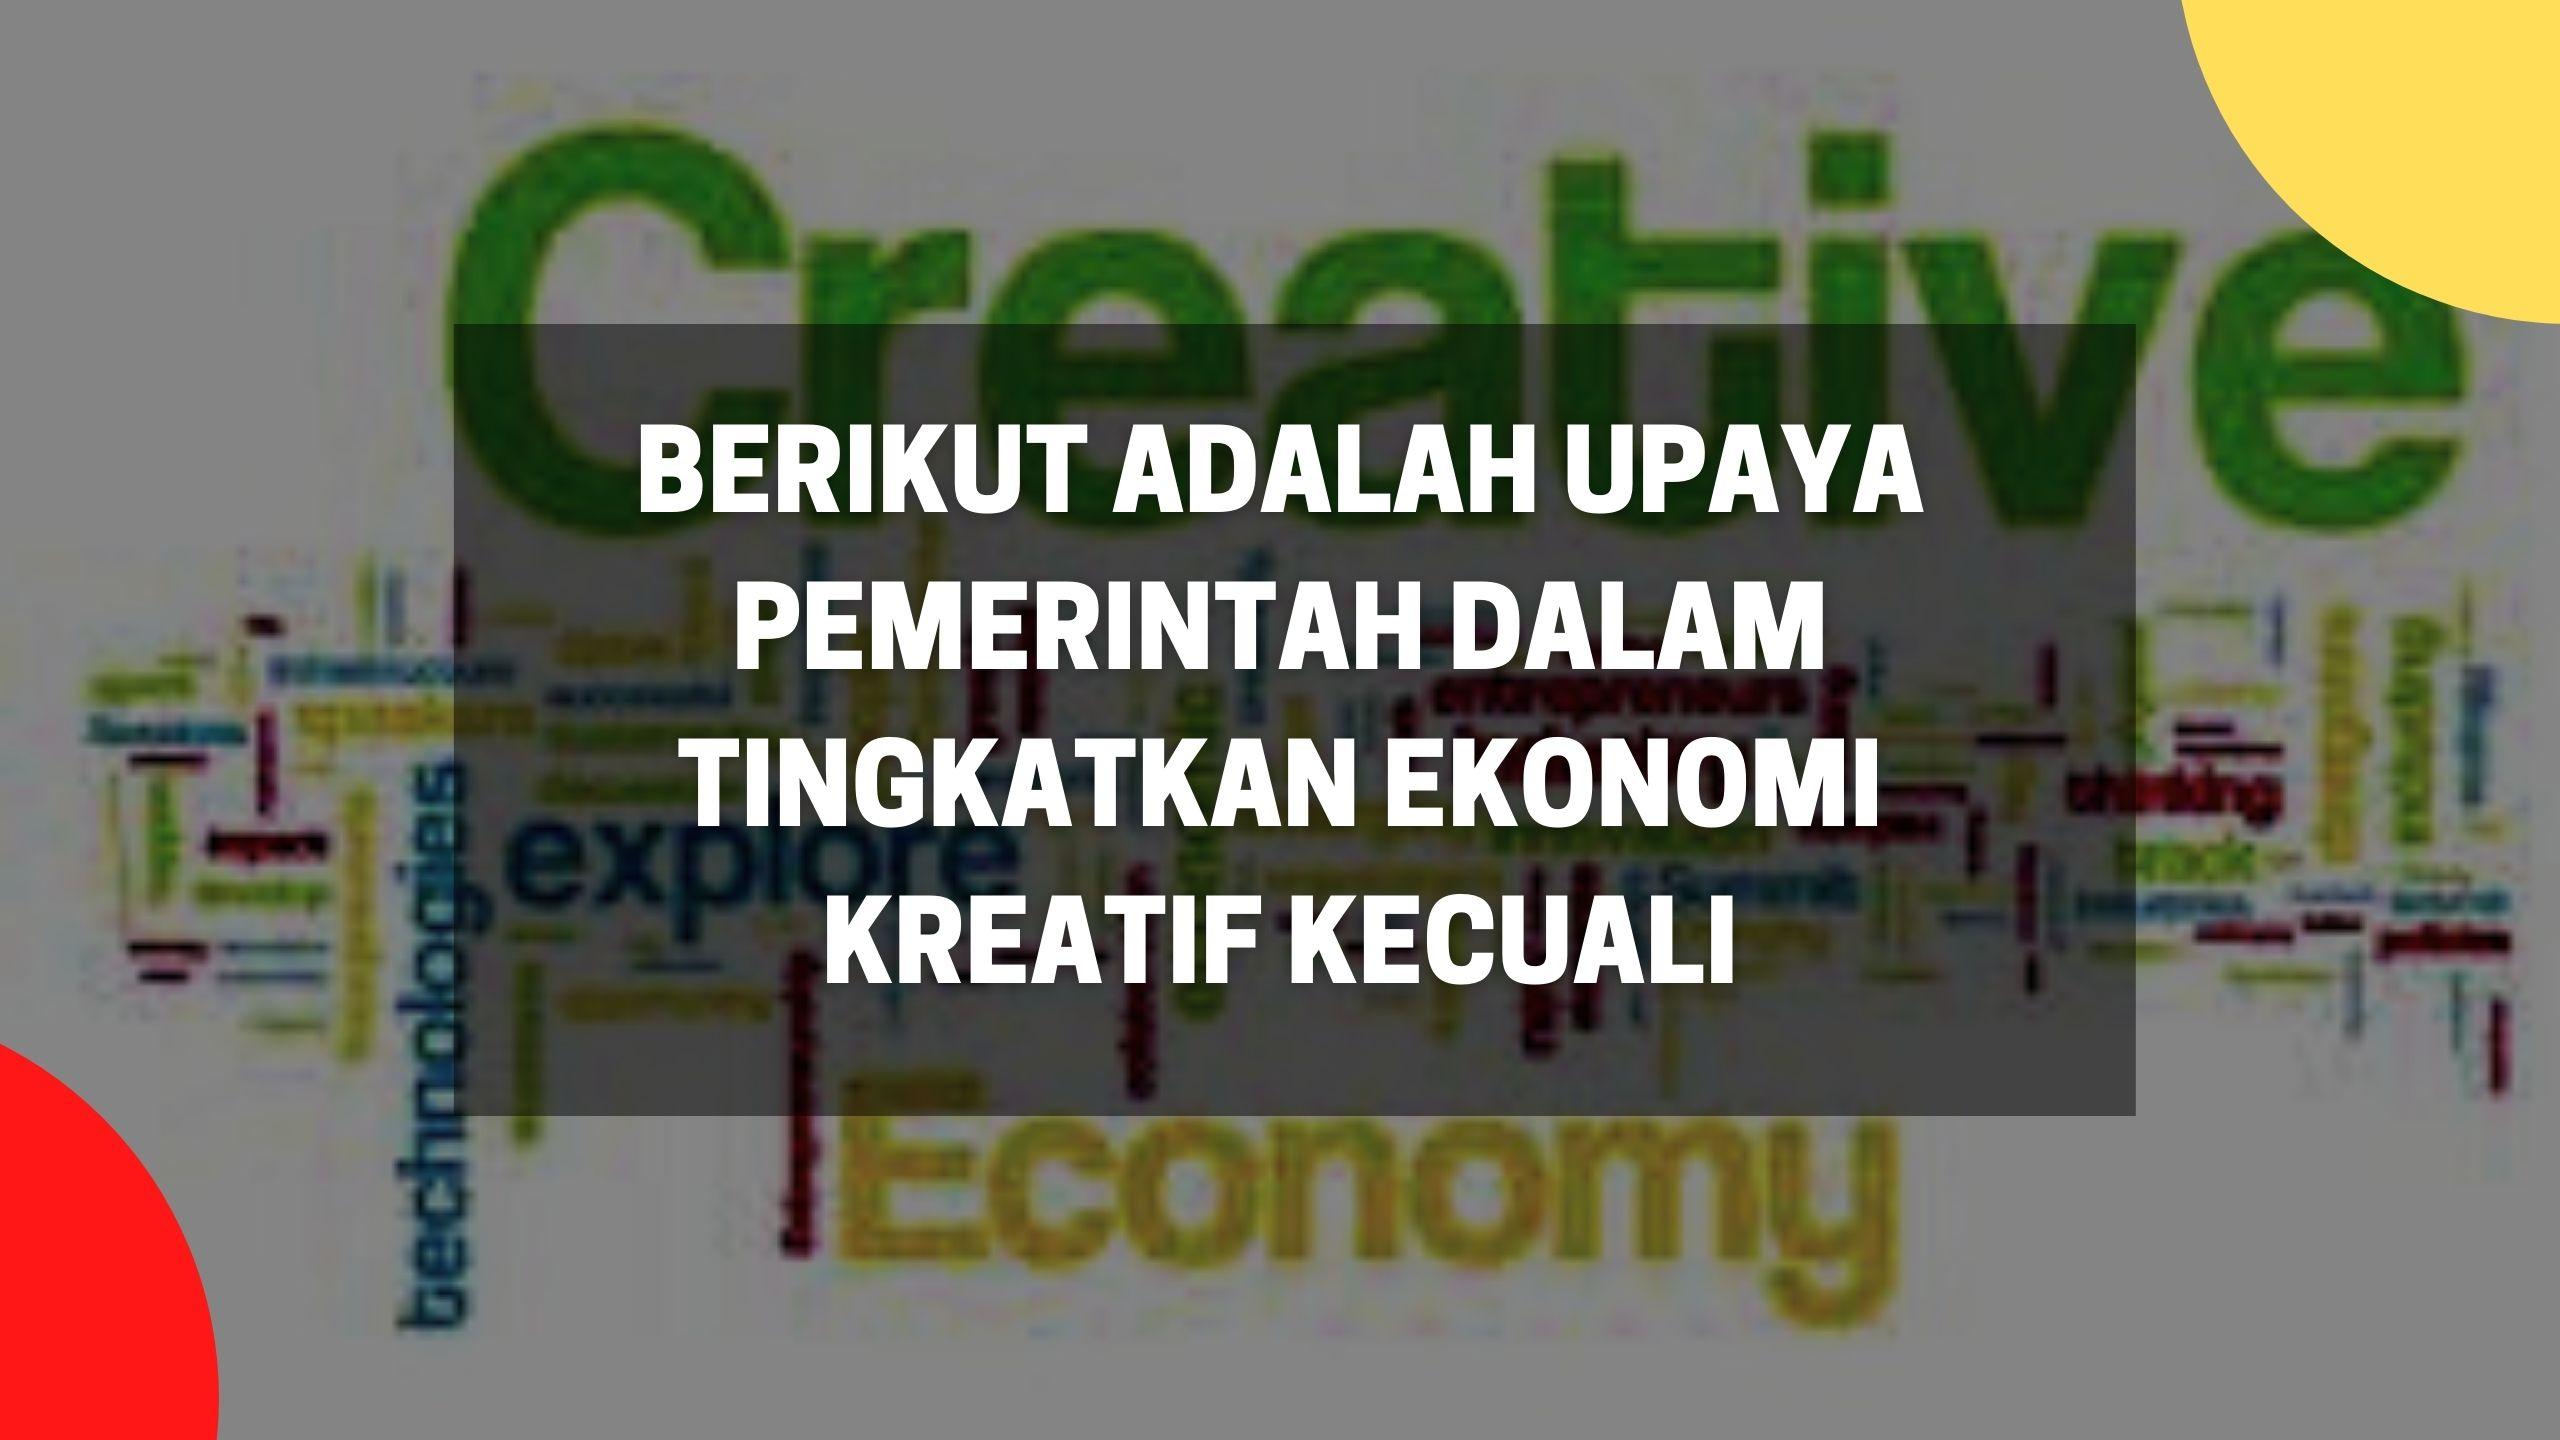 berikut adalah upaya pemerintah dalam tingkatkan ekonomi kreatif kecuali